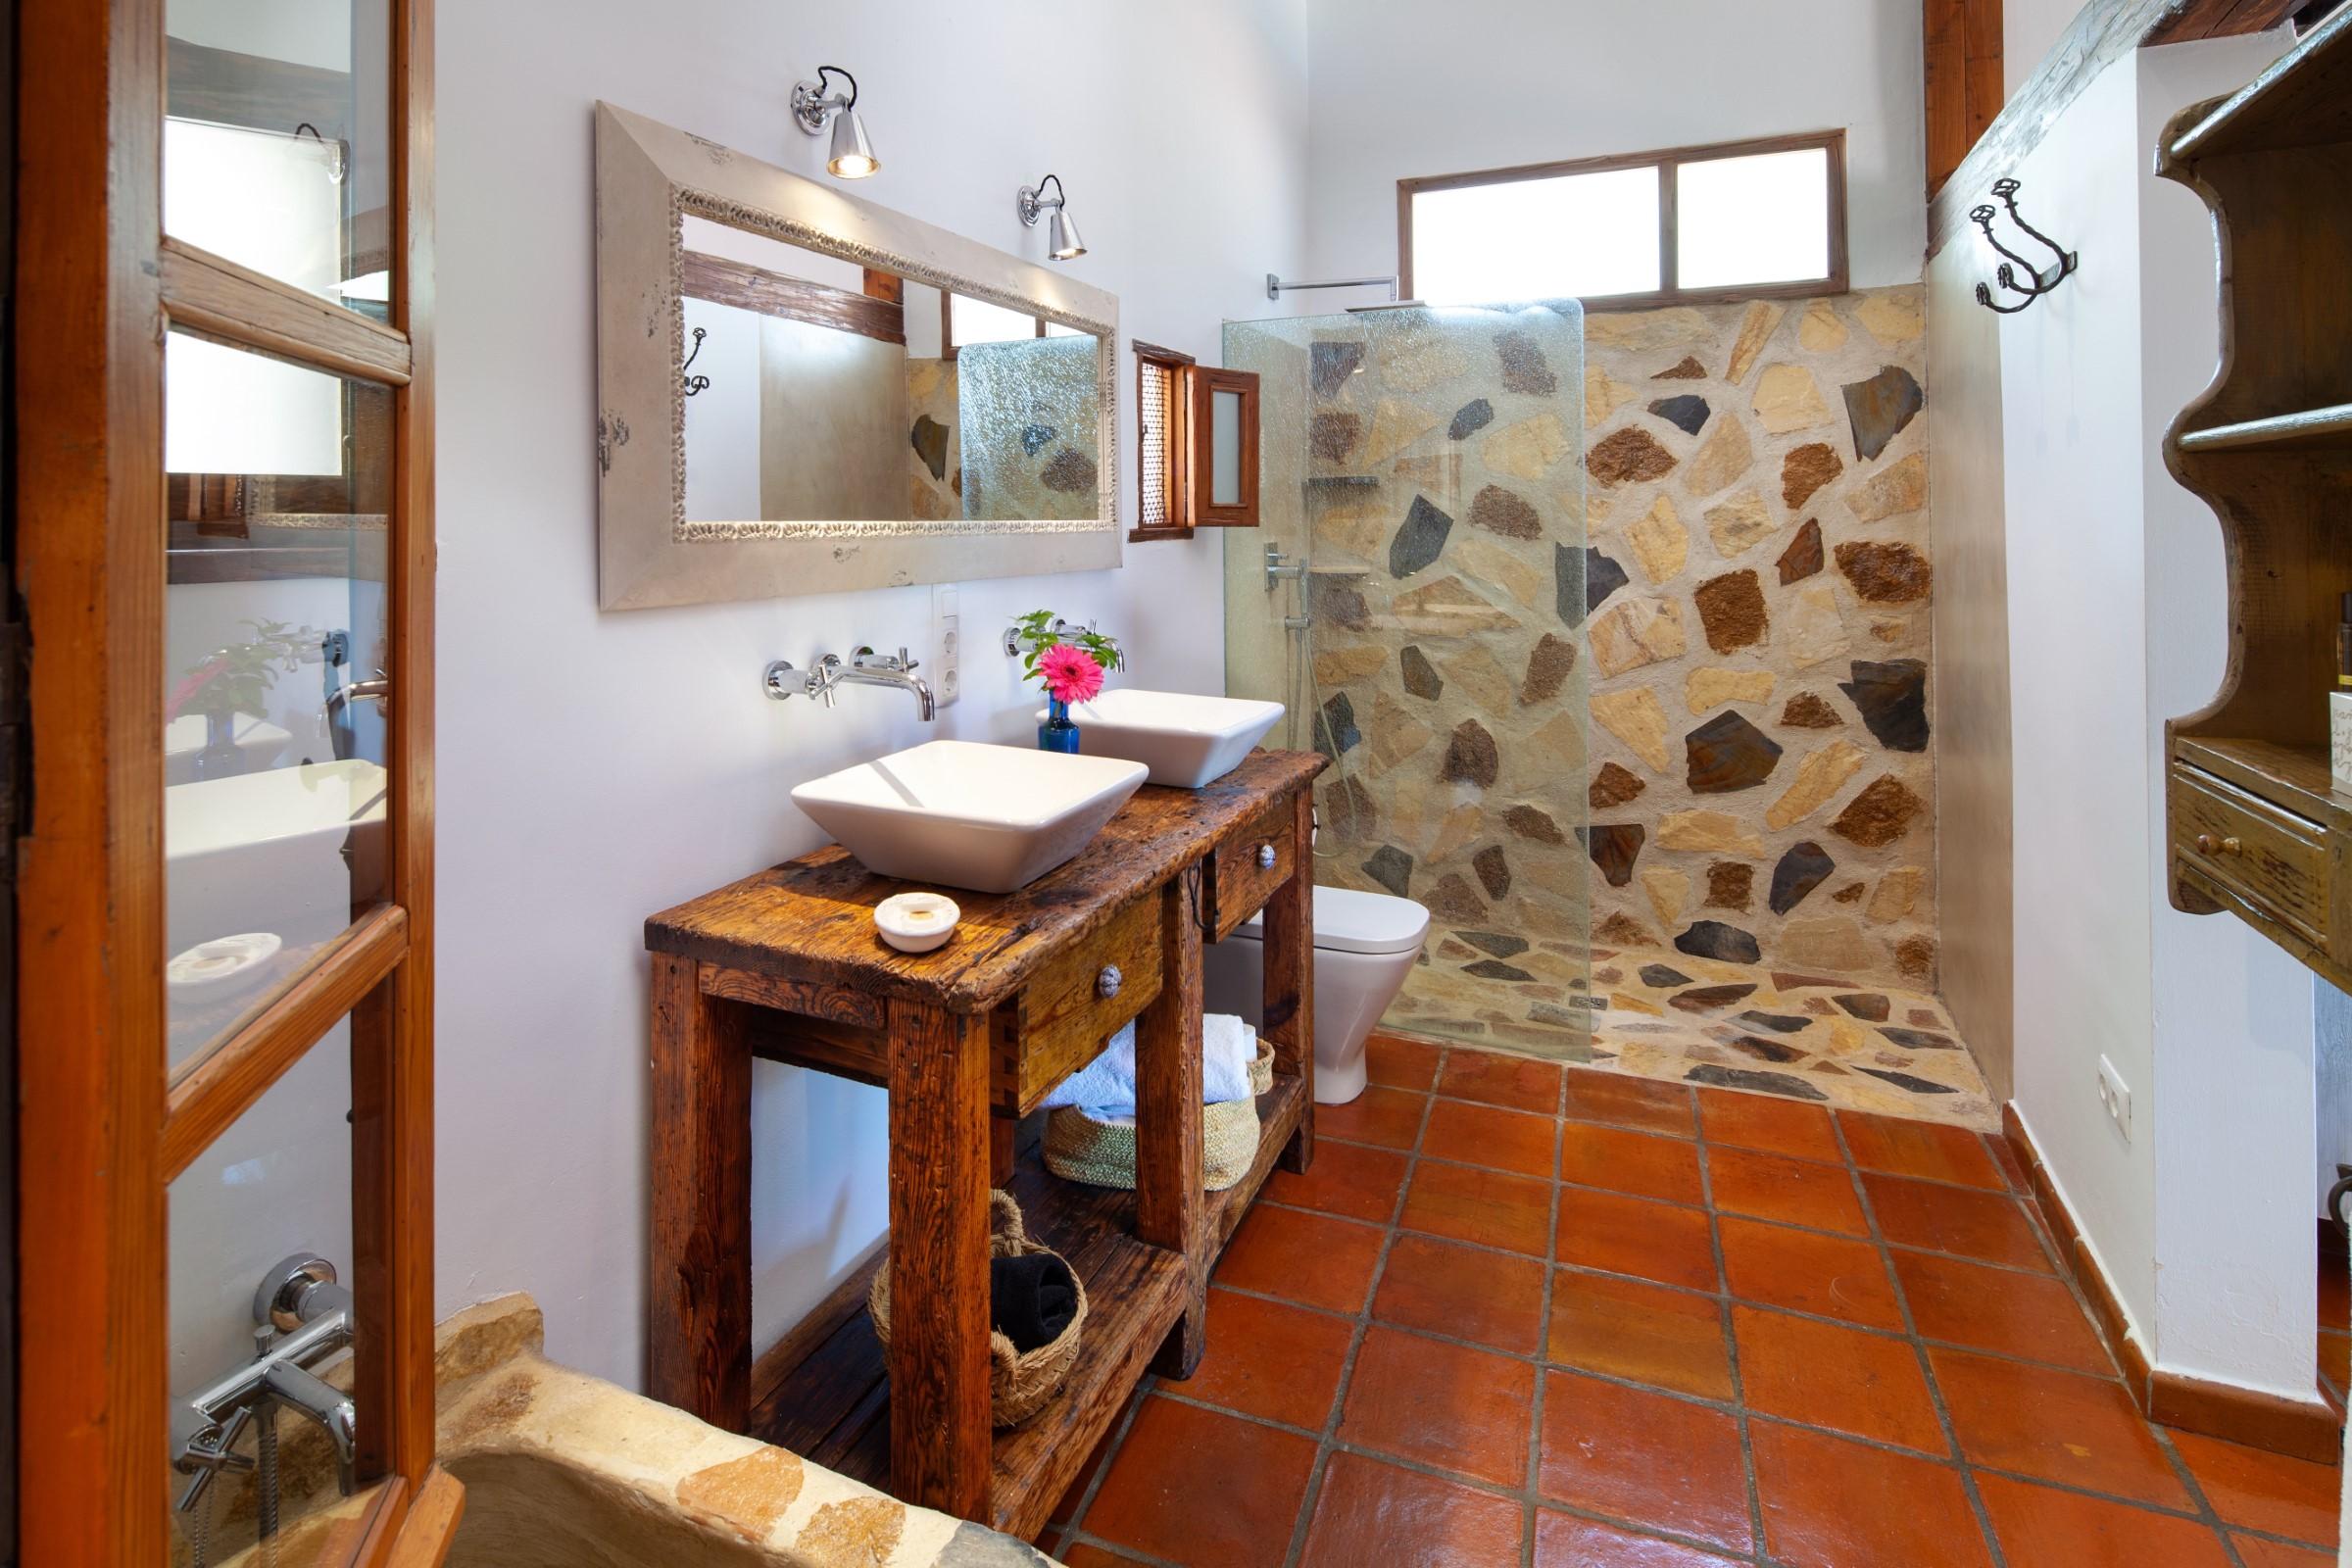 lavabos gemelos, baño y ducha